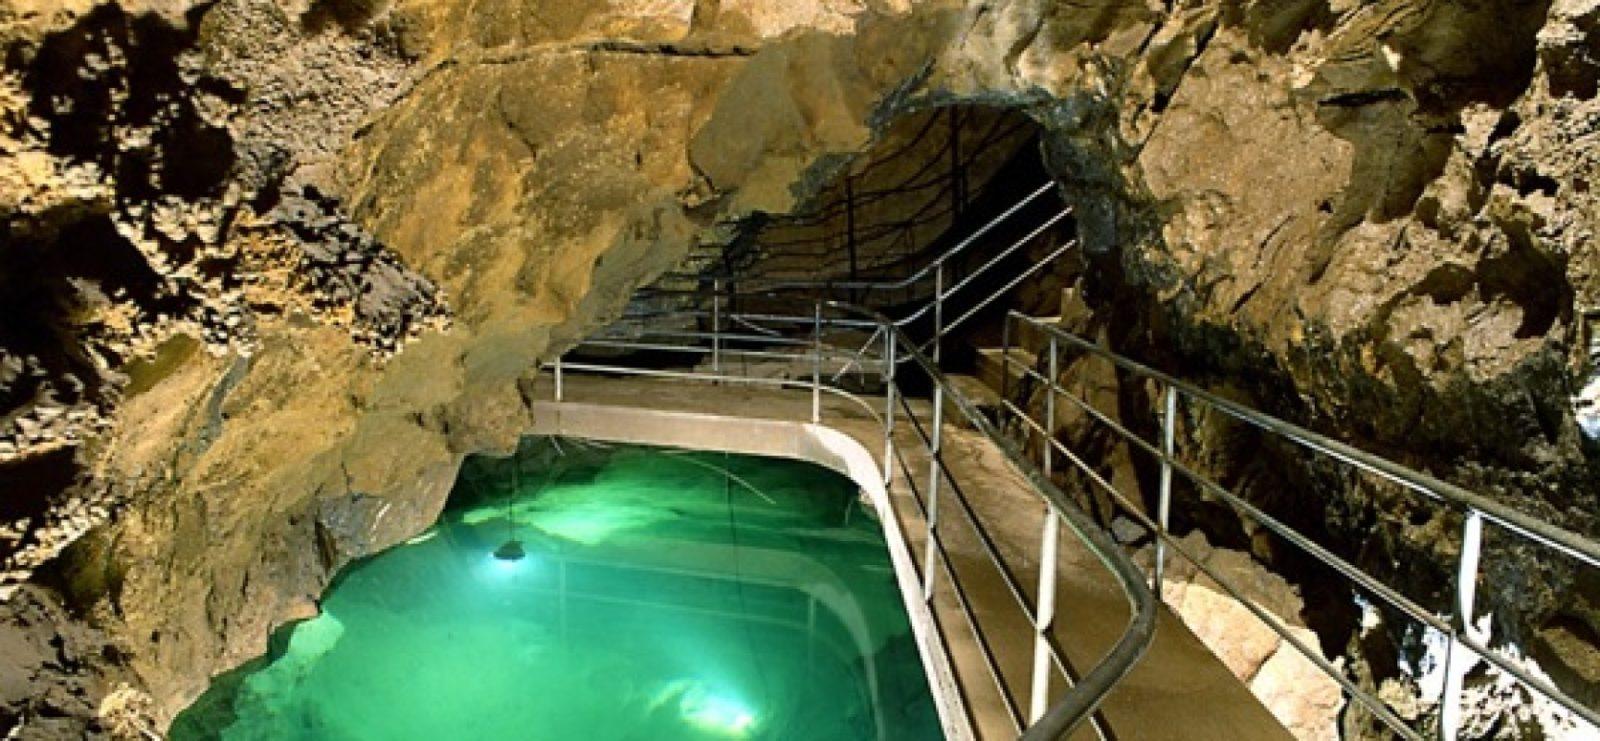 Grotta del Vento - Alpi Apuane